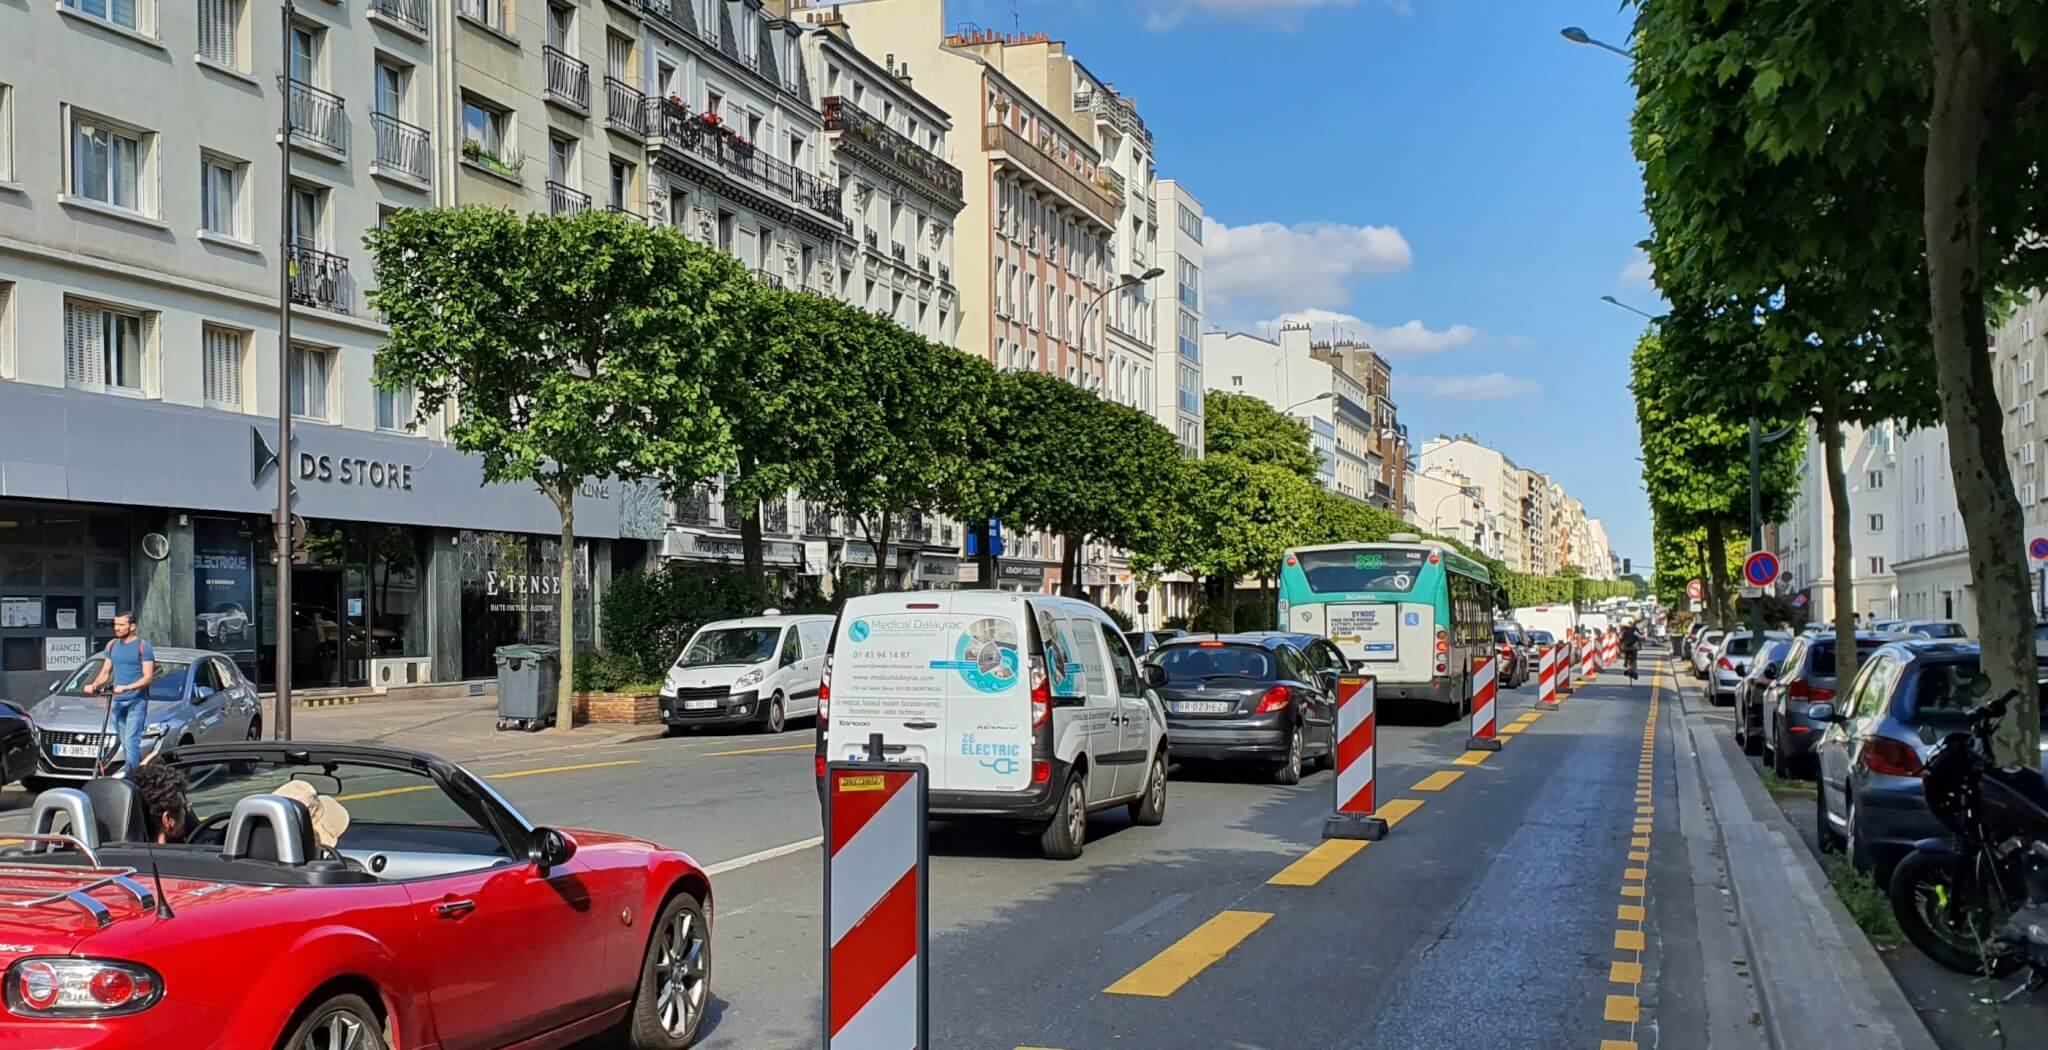 Pistes cyclables temporaires: + 300% de vélos à Vincennes